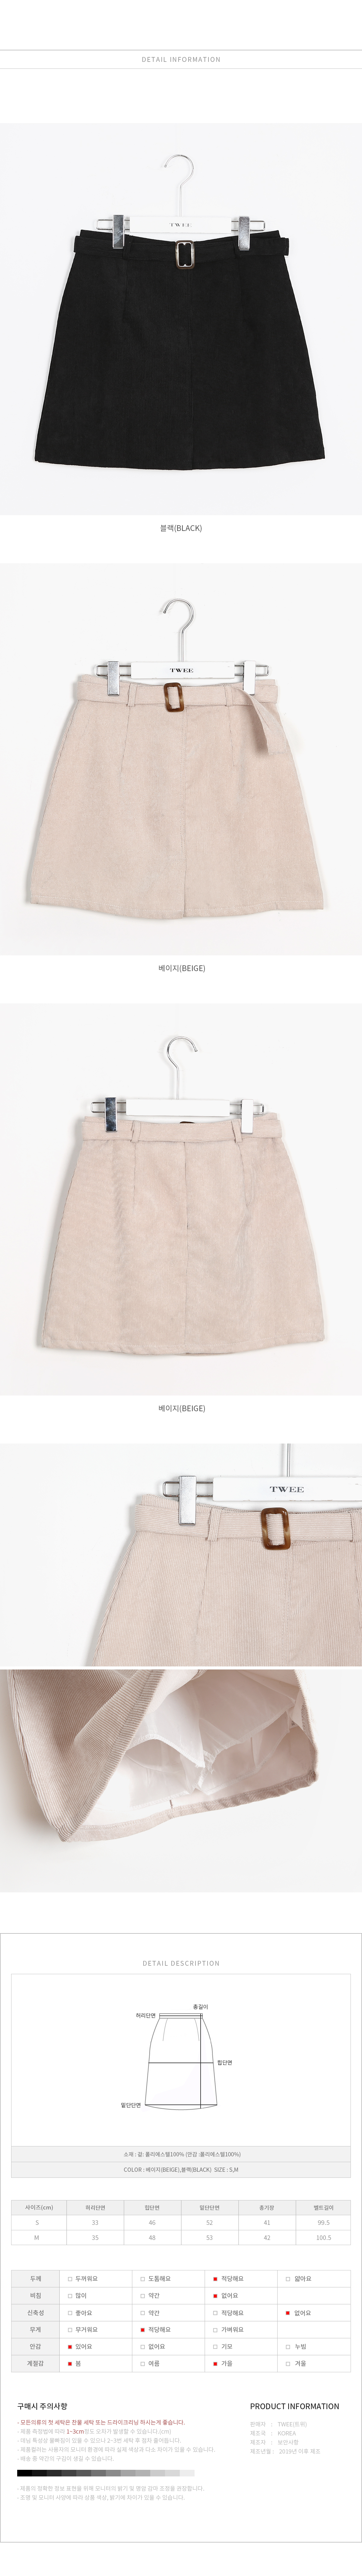 Riker skirt